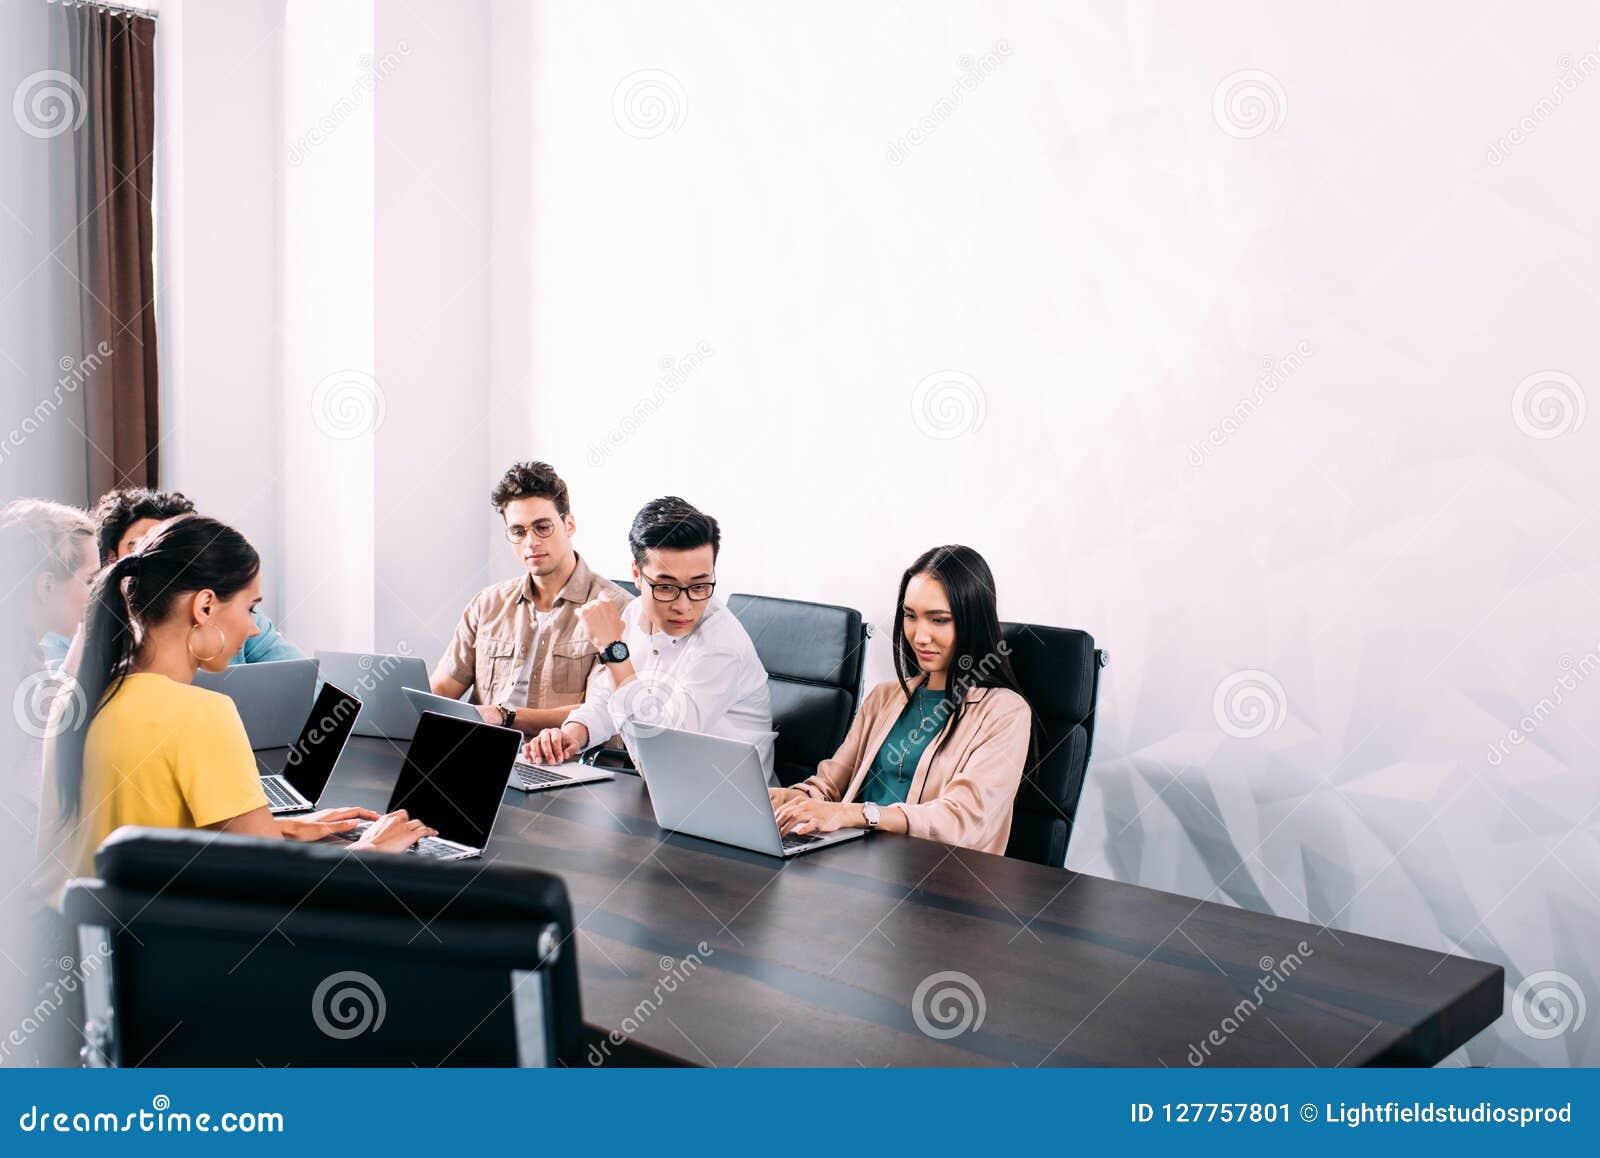 Mångkulturella affärspartners som har möte på tabellen med bärbara datorer i modernt